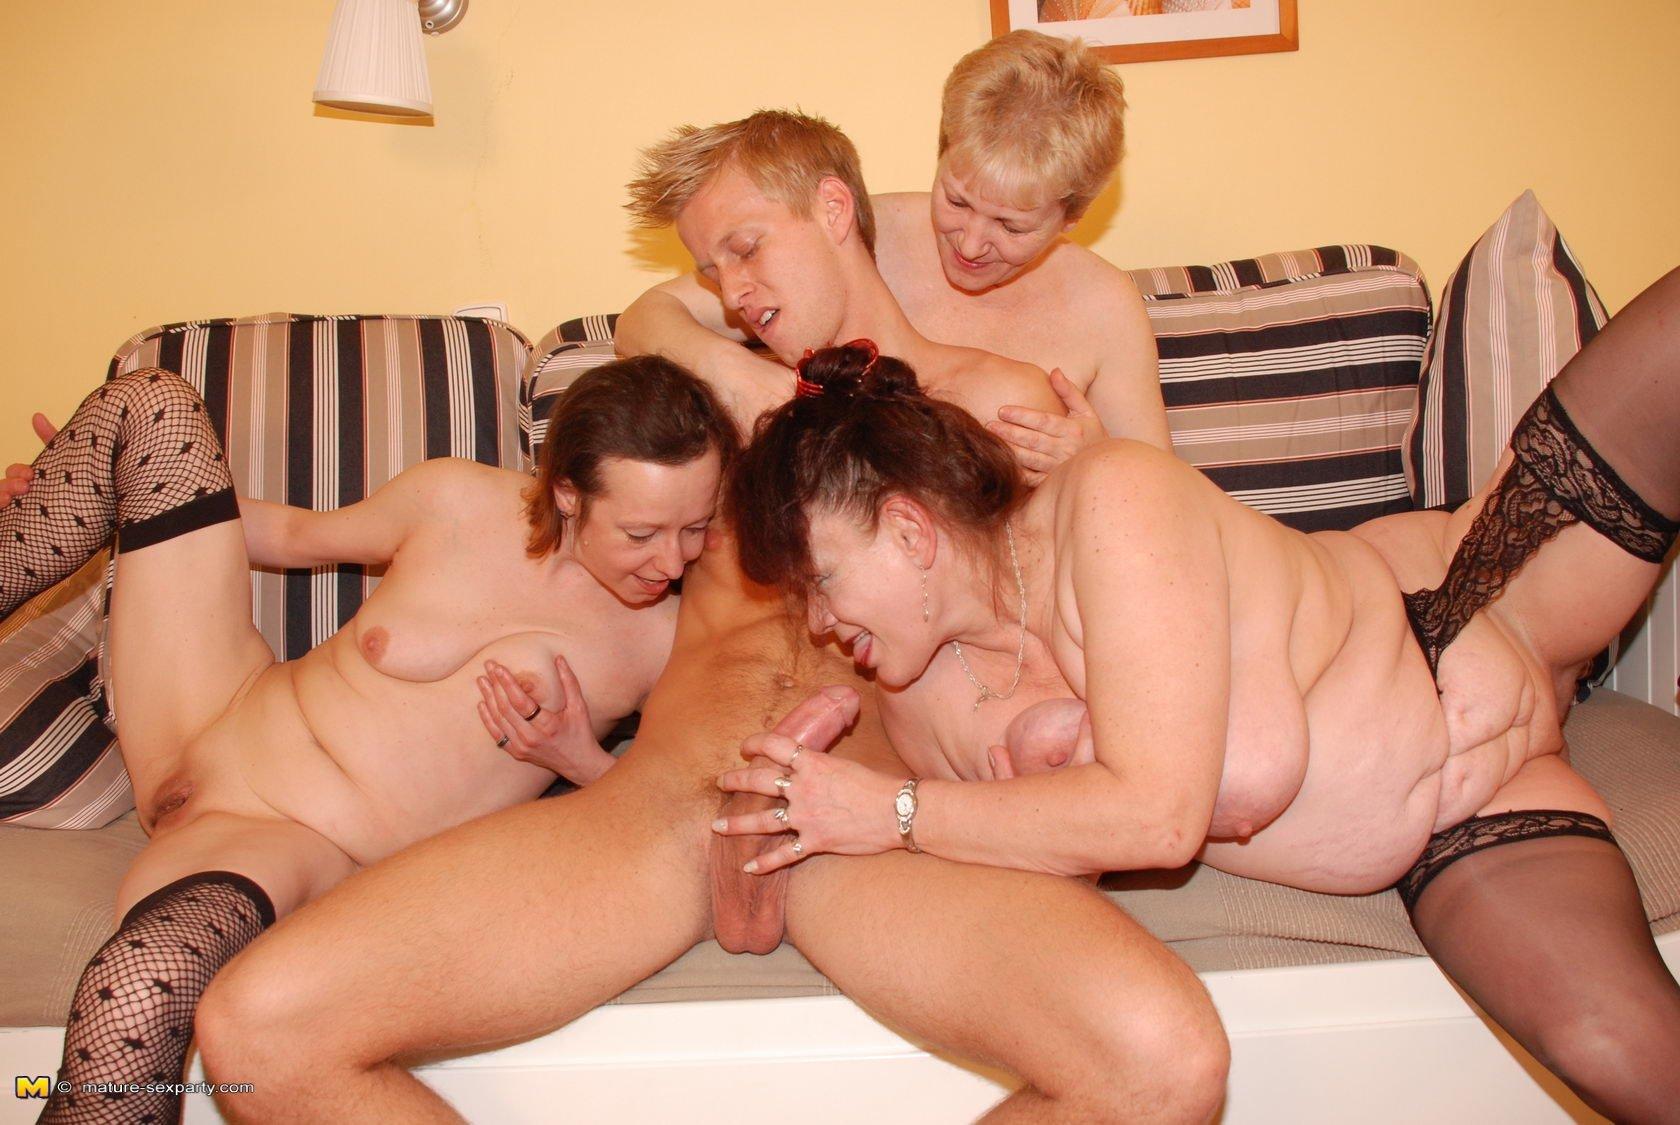 Секс с мамой порно фото фото галереи, Порно фото мамаши 10 фотография